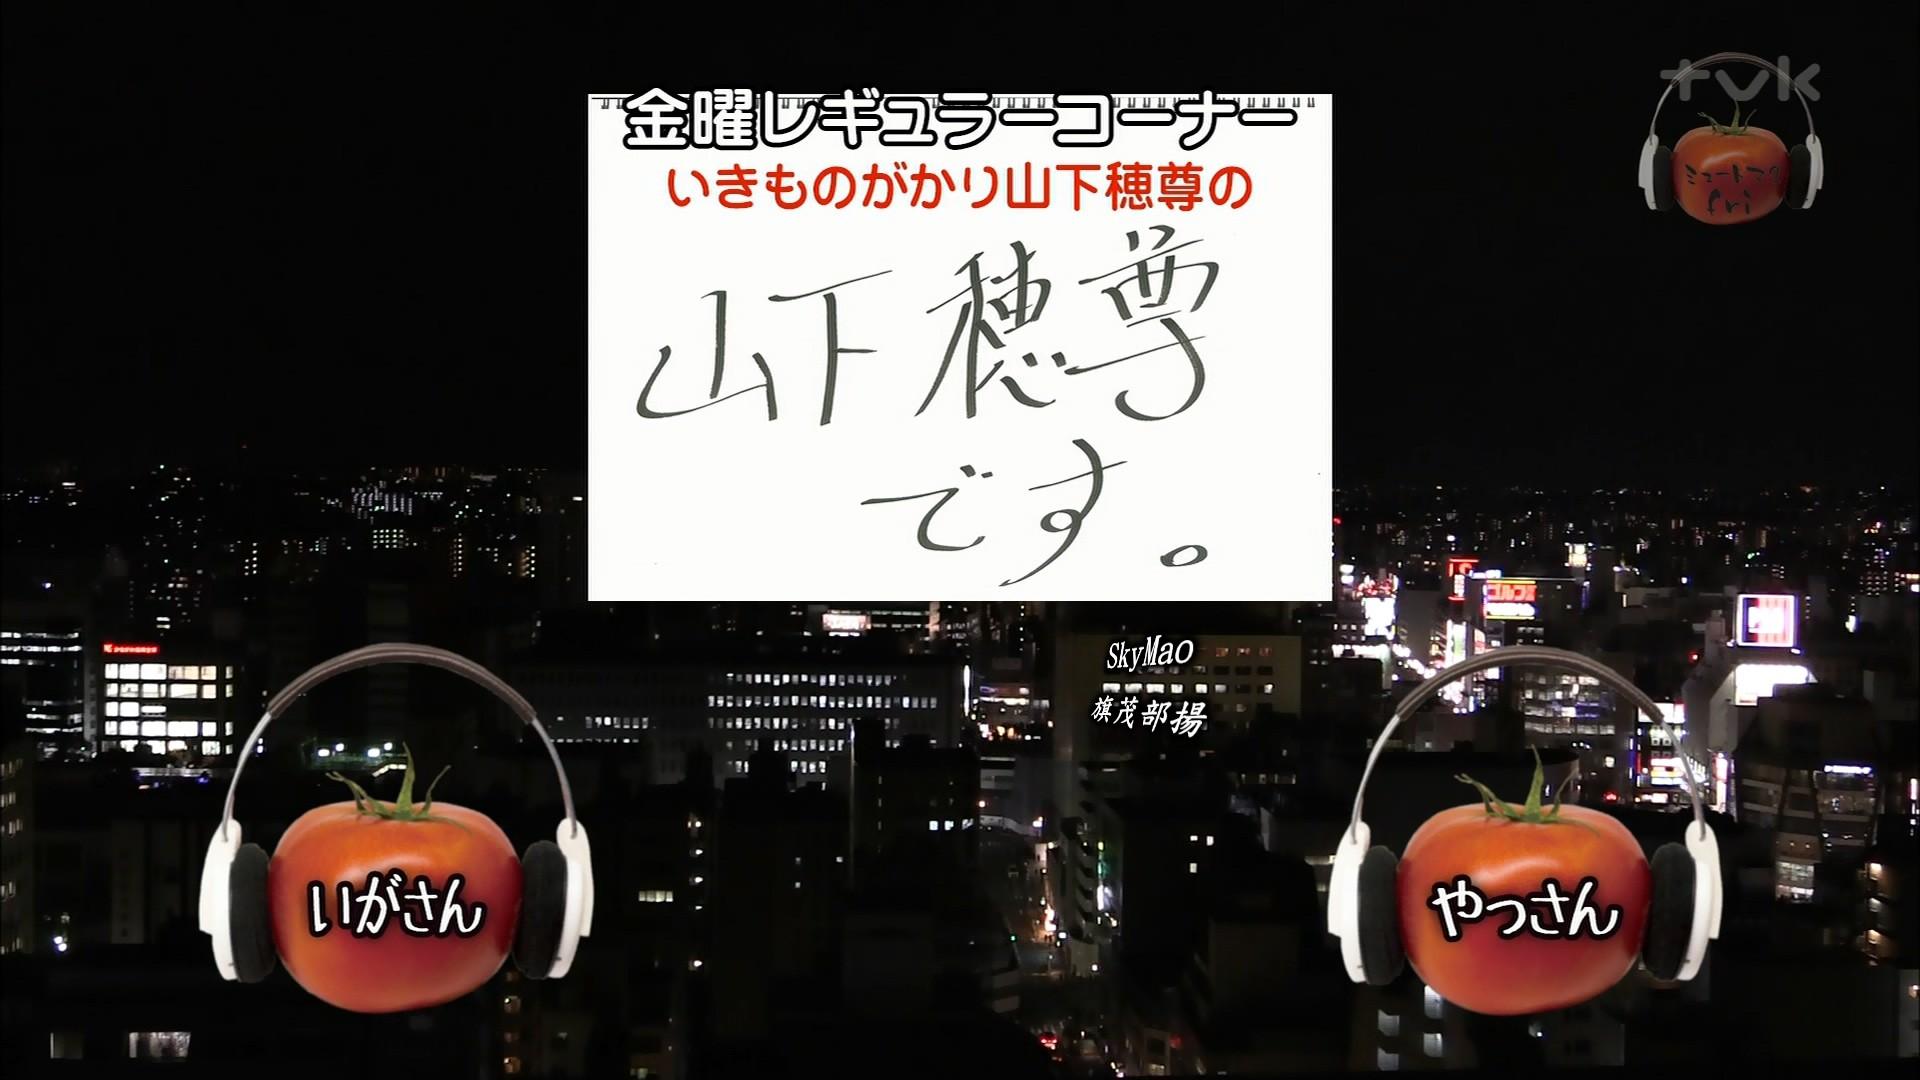 2017.09.22 全場(ミュートマ2).ts_20170923_001917.450